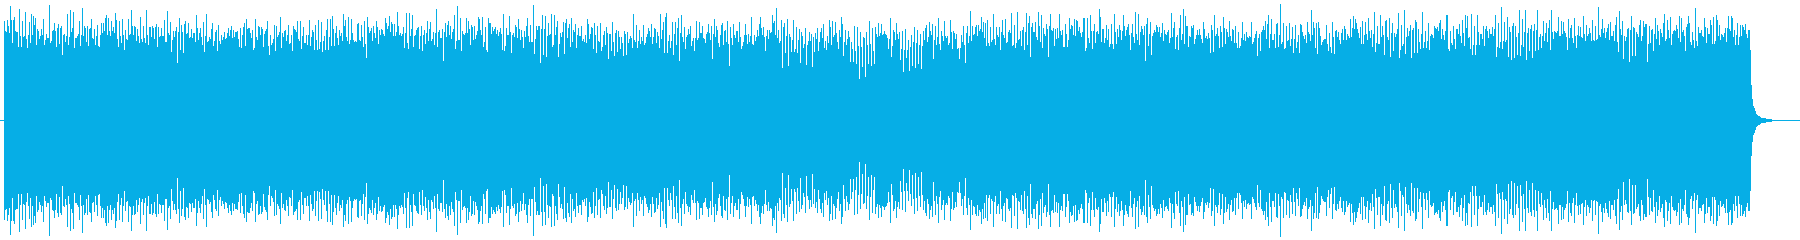 軽快で楽しげなミュージックの再生済みの波形